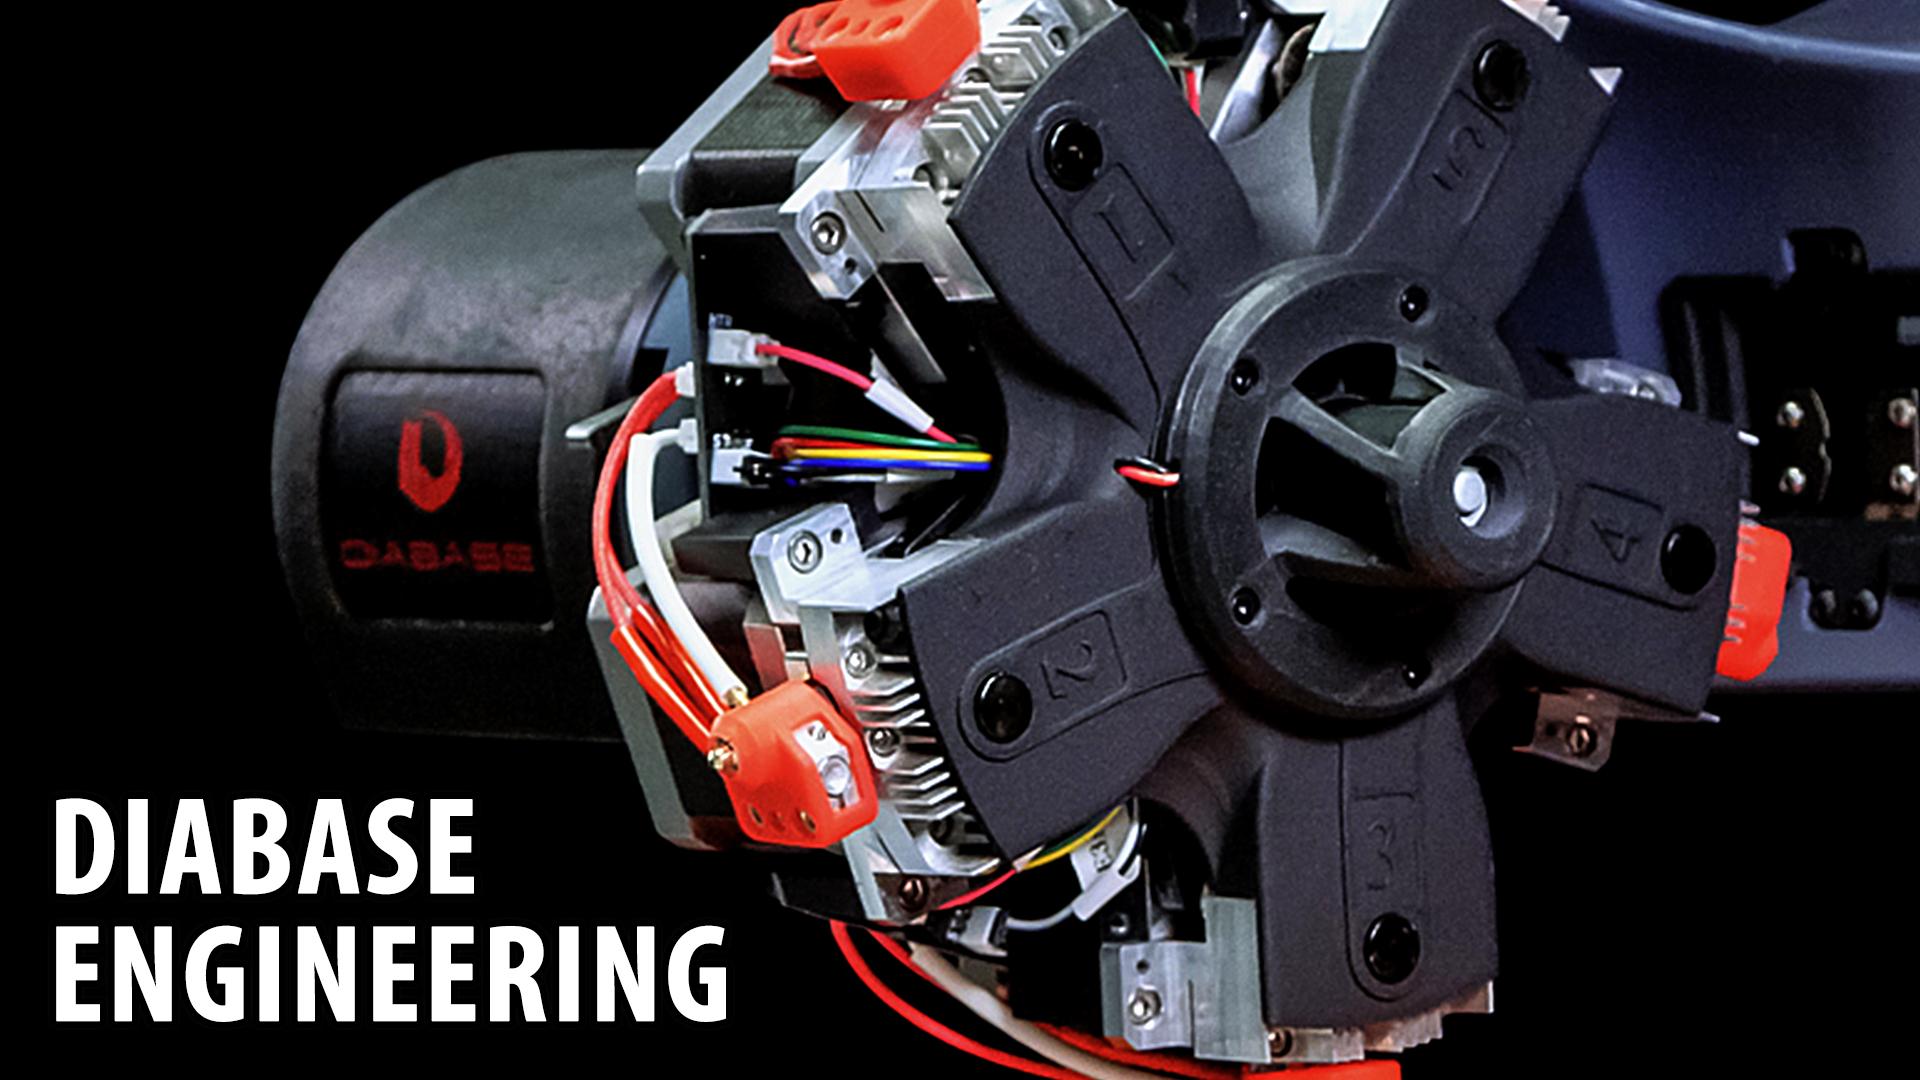 Diabase Engineering H-Series 3D Printer / CNC Milling / Laser Scanning